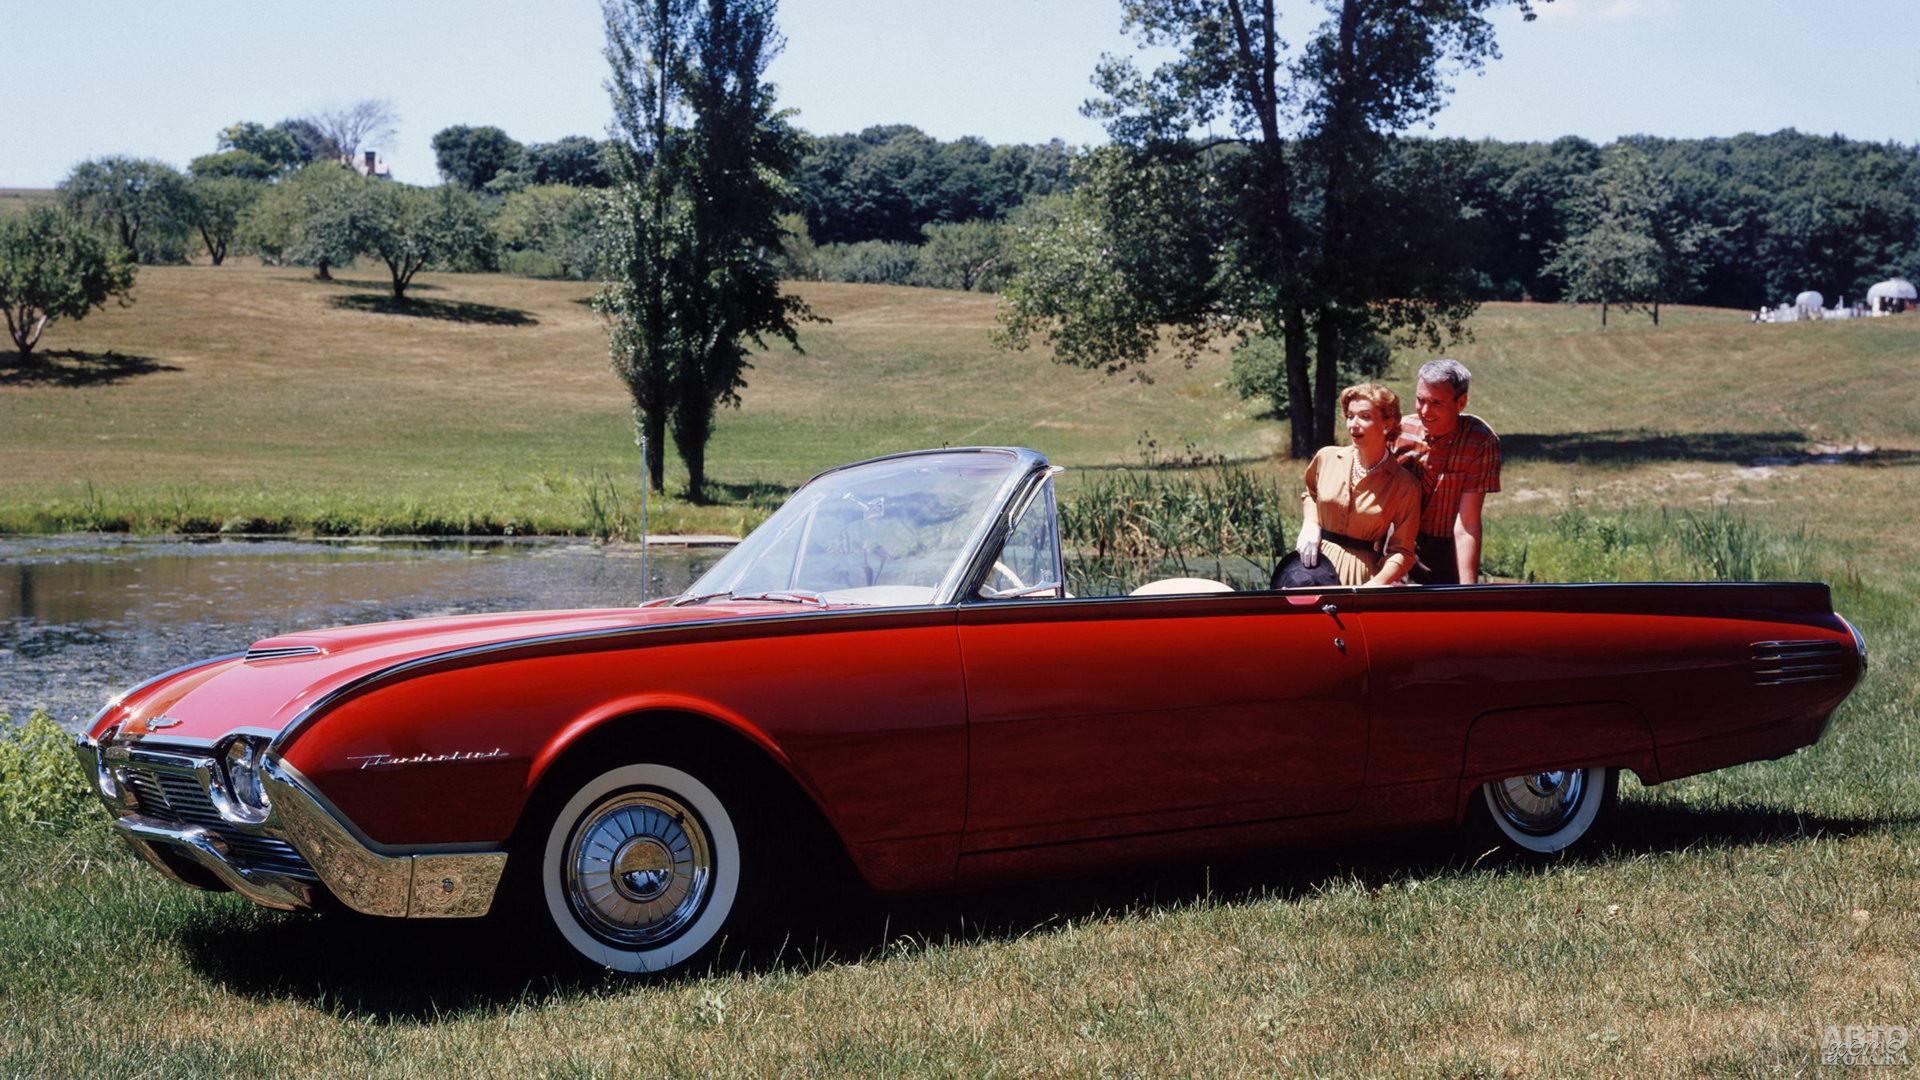 Fоrd Thunderbird 1961 года отличался обтекаемым дизайном